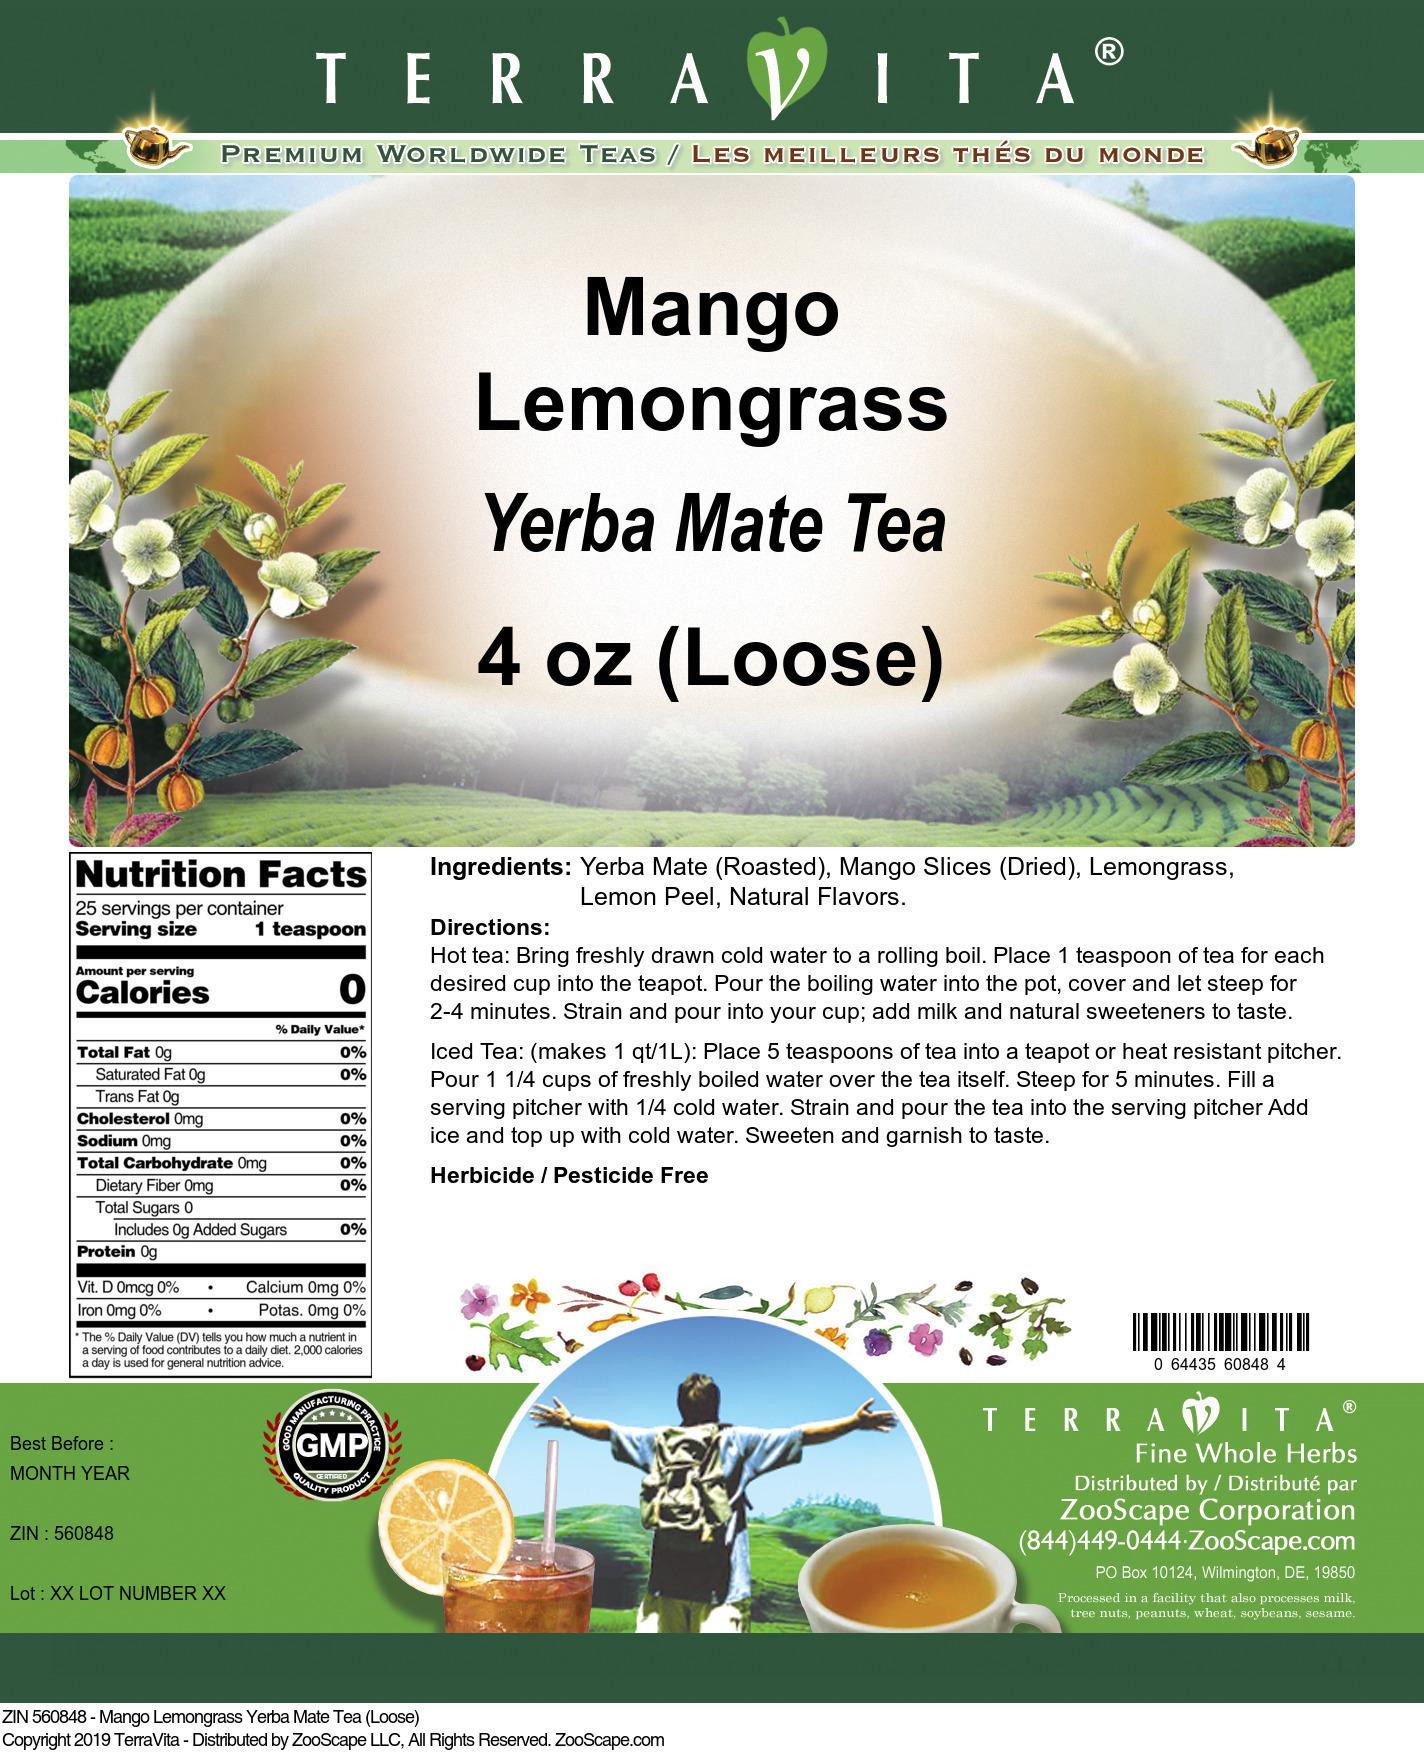 Mango Lemongrass Yerba Mate Tea (Loose)